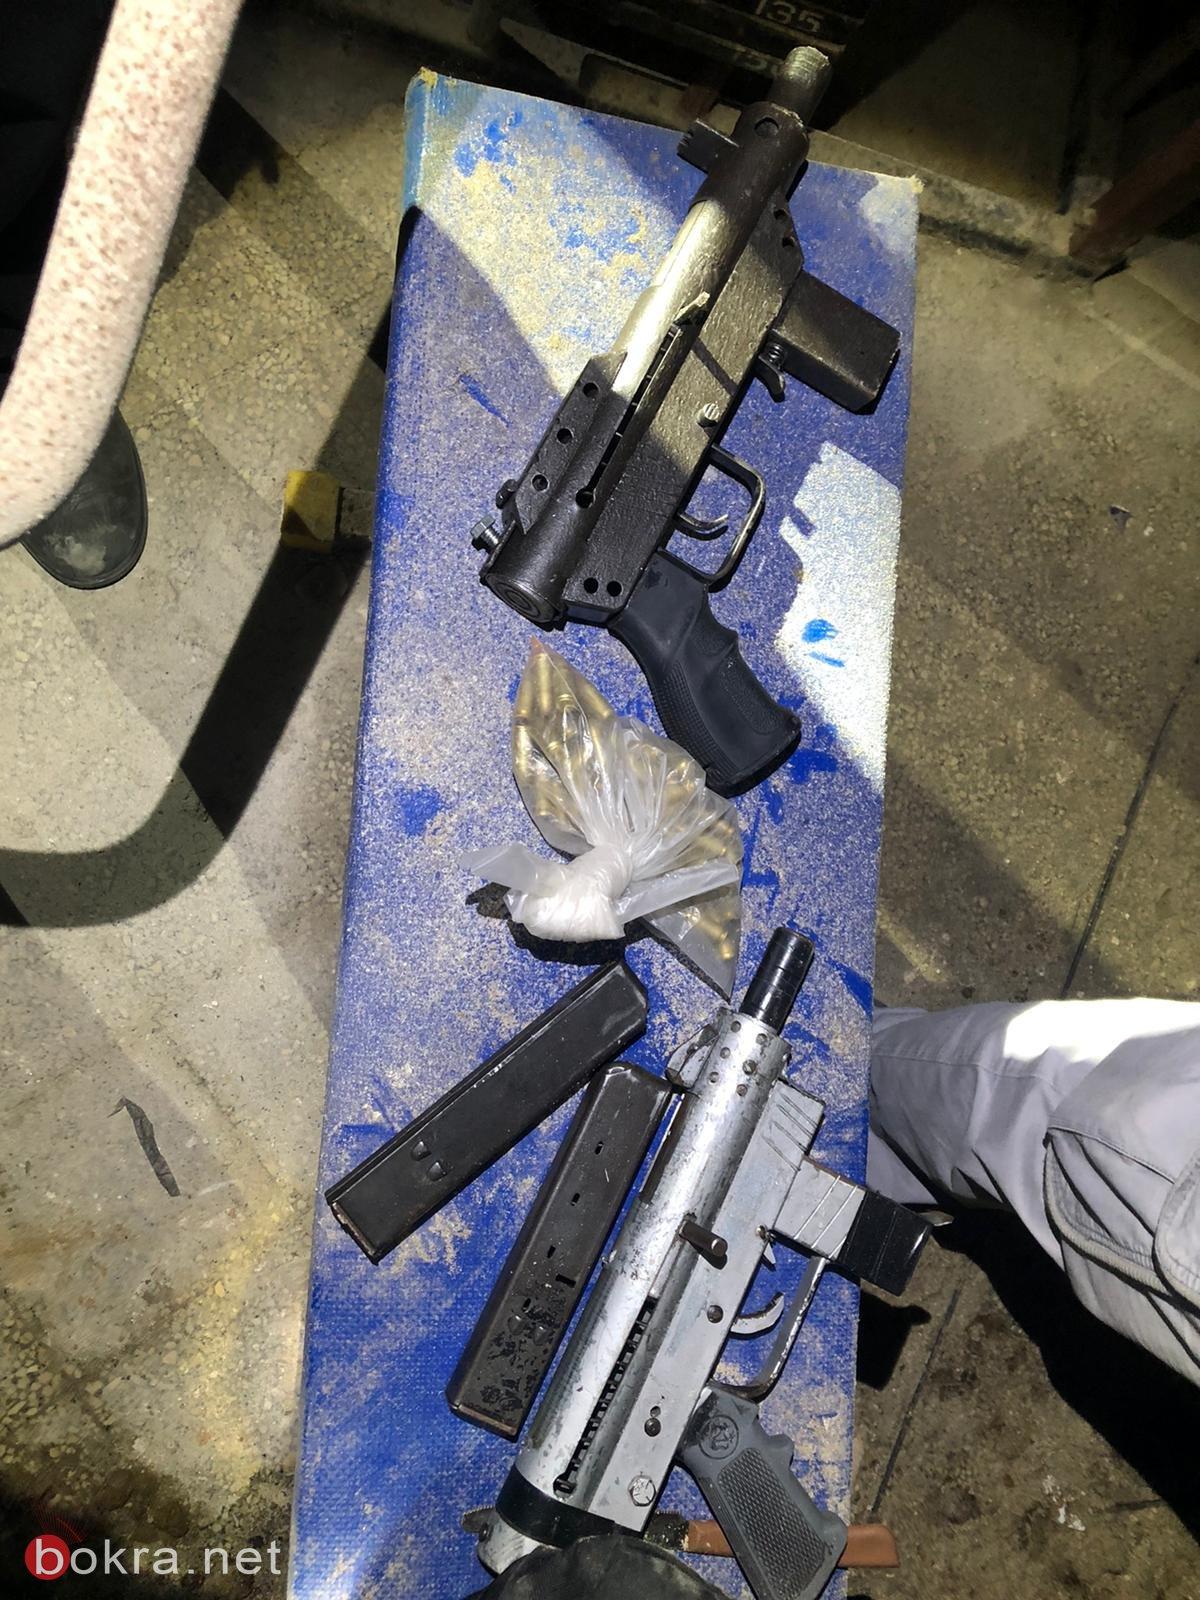 الناصرة : ضبط اسلحة واعتقال مشتبهين